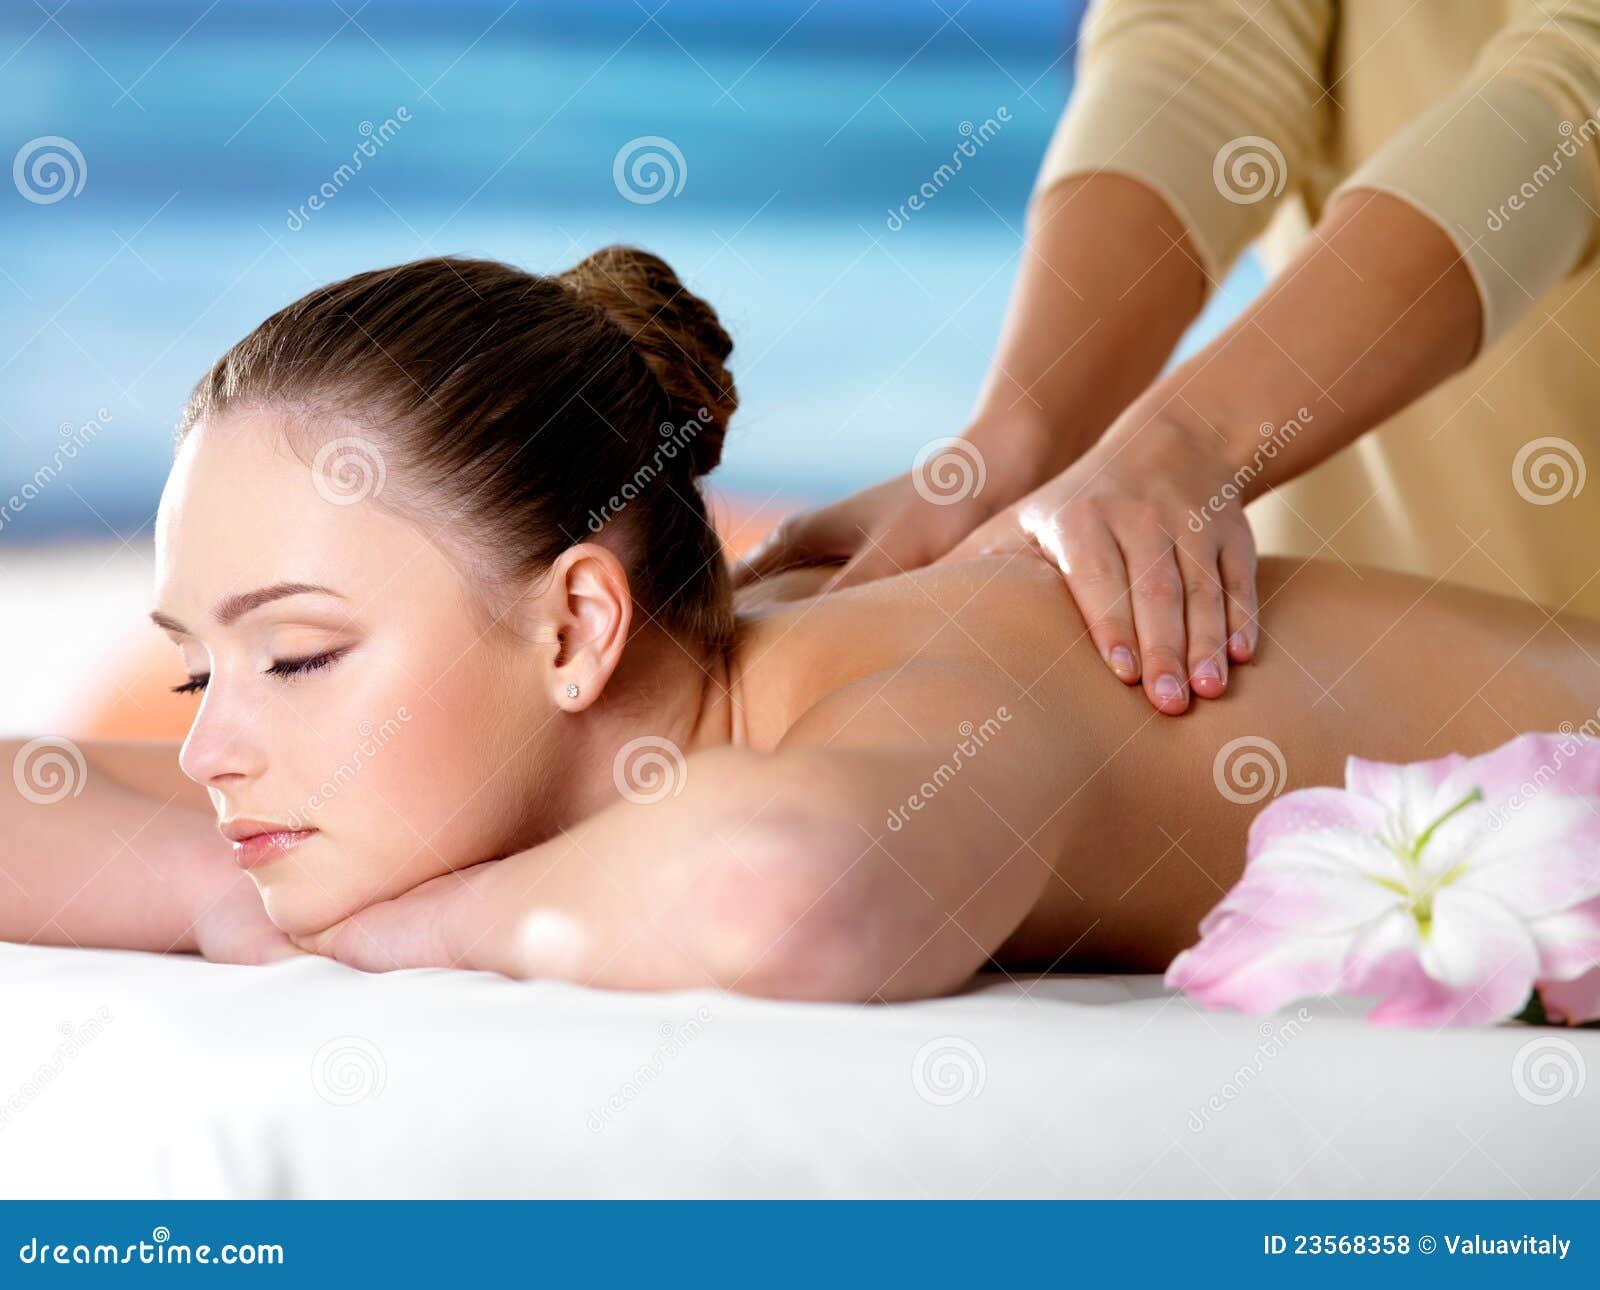 Самые красивые массажистки 9 фотография